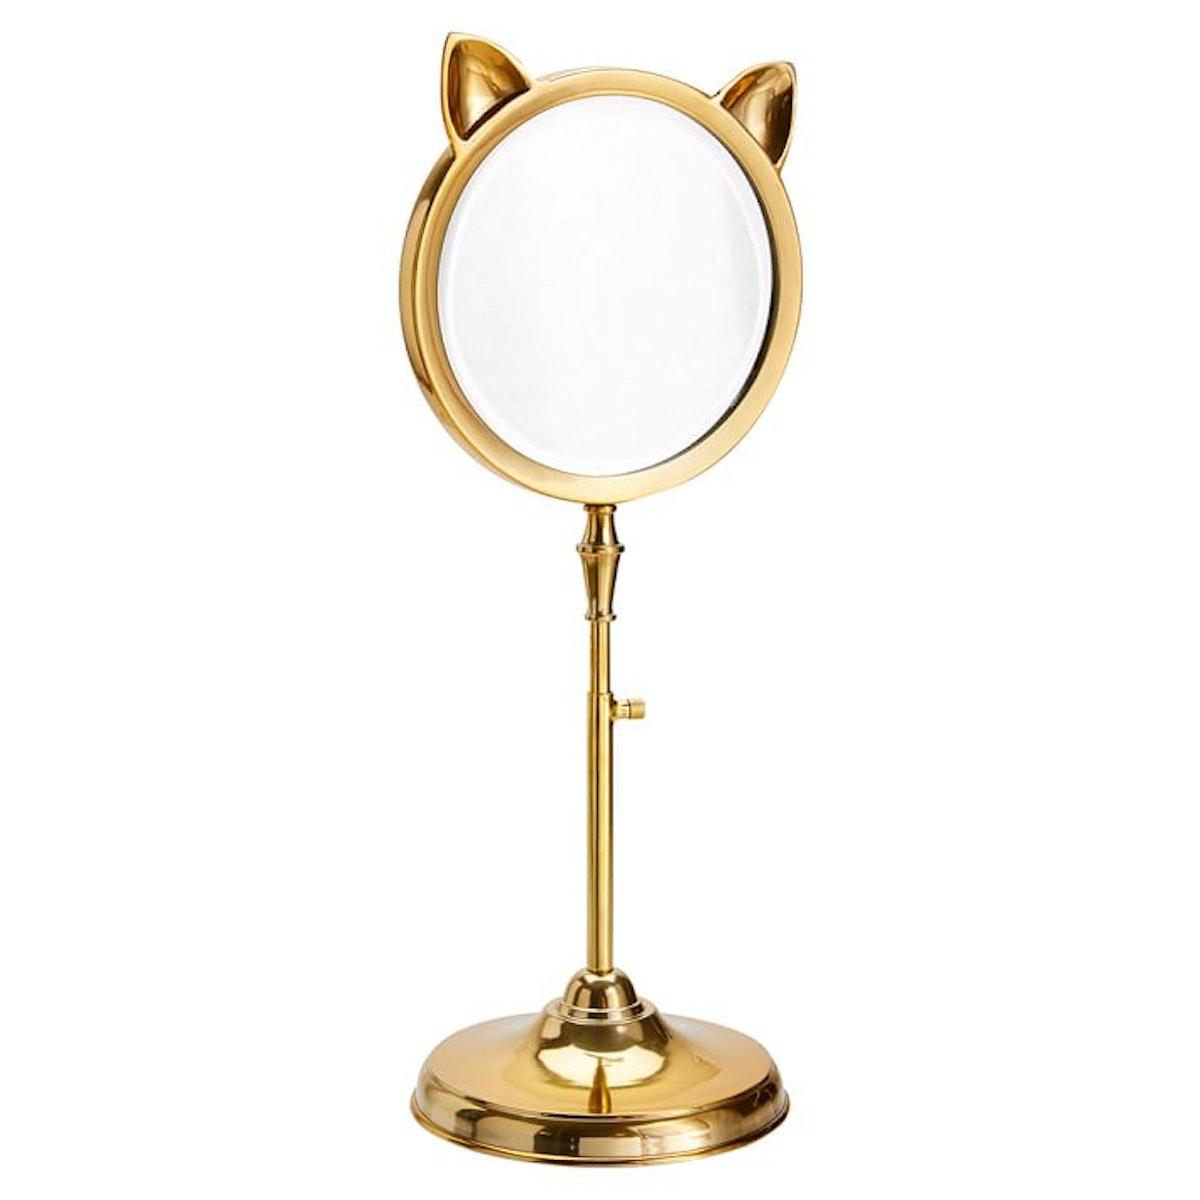 The Emily & Meritt Desktop Mirror